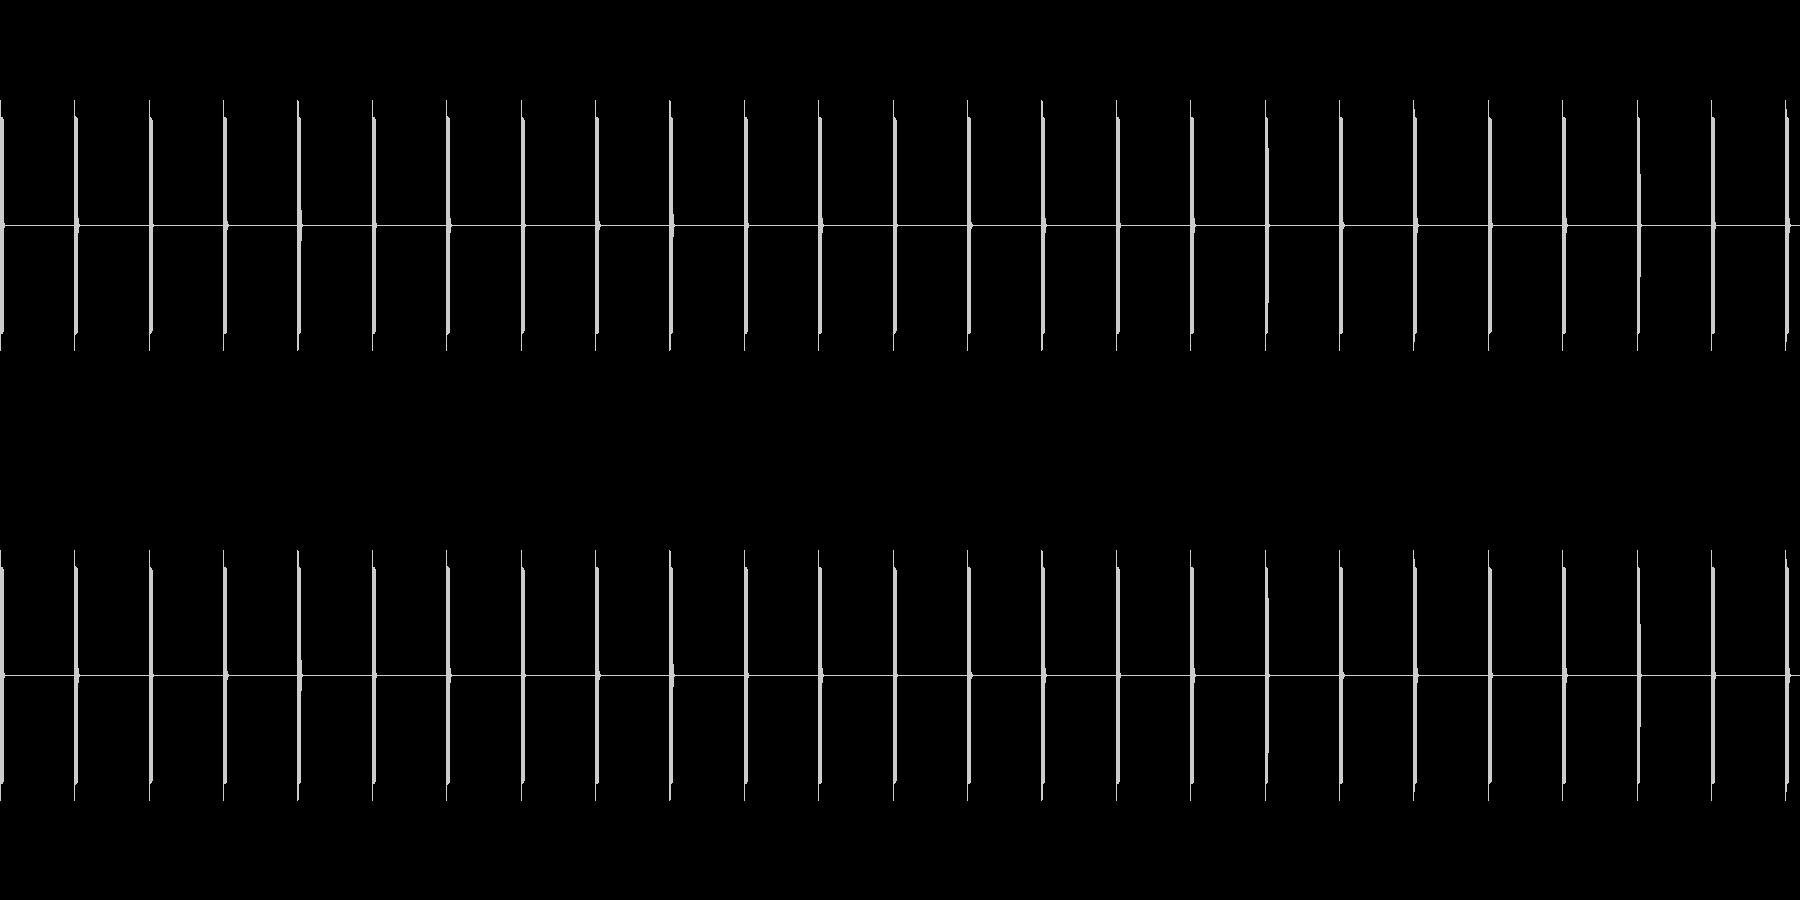 心臓モニター:単一の電子ビープ音ビ...の未再生の波形